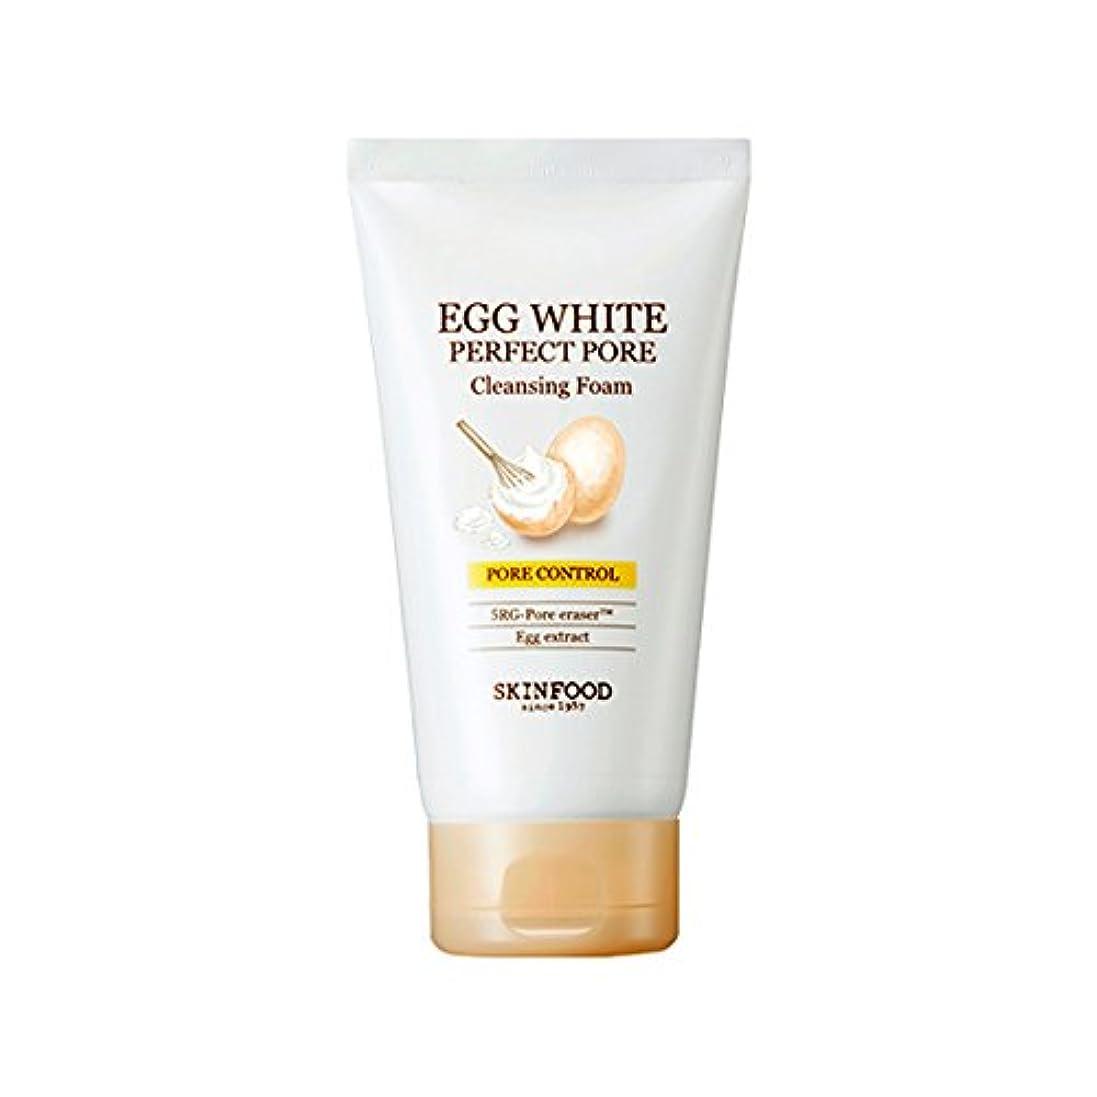 発音するシステム接ぎ木[2017 New] SKINFOOD Egg White Perfect Pore Cleansing Foam 150ml/スキンフード エッグ ホワイト パーフェクト ポア クレンジング フォーム 150ml [並行輸入品]